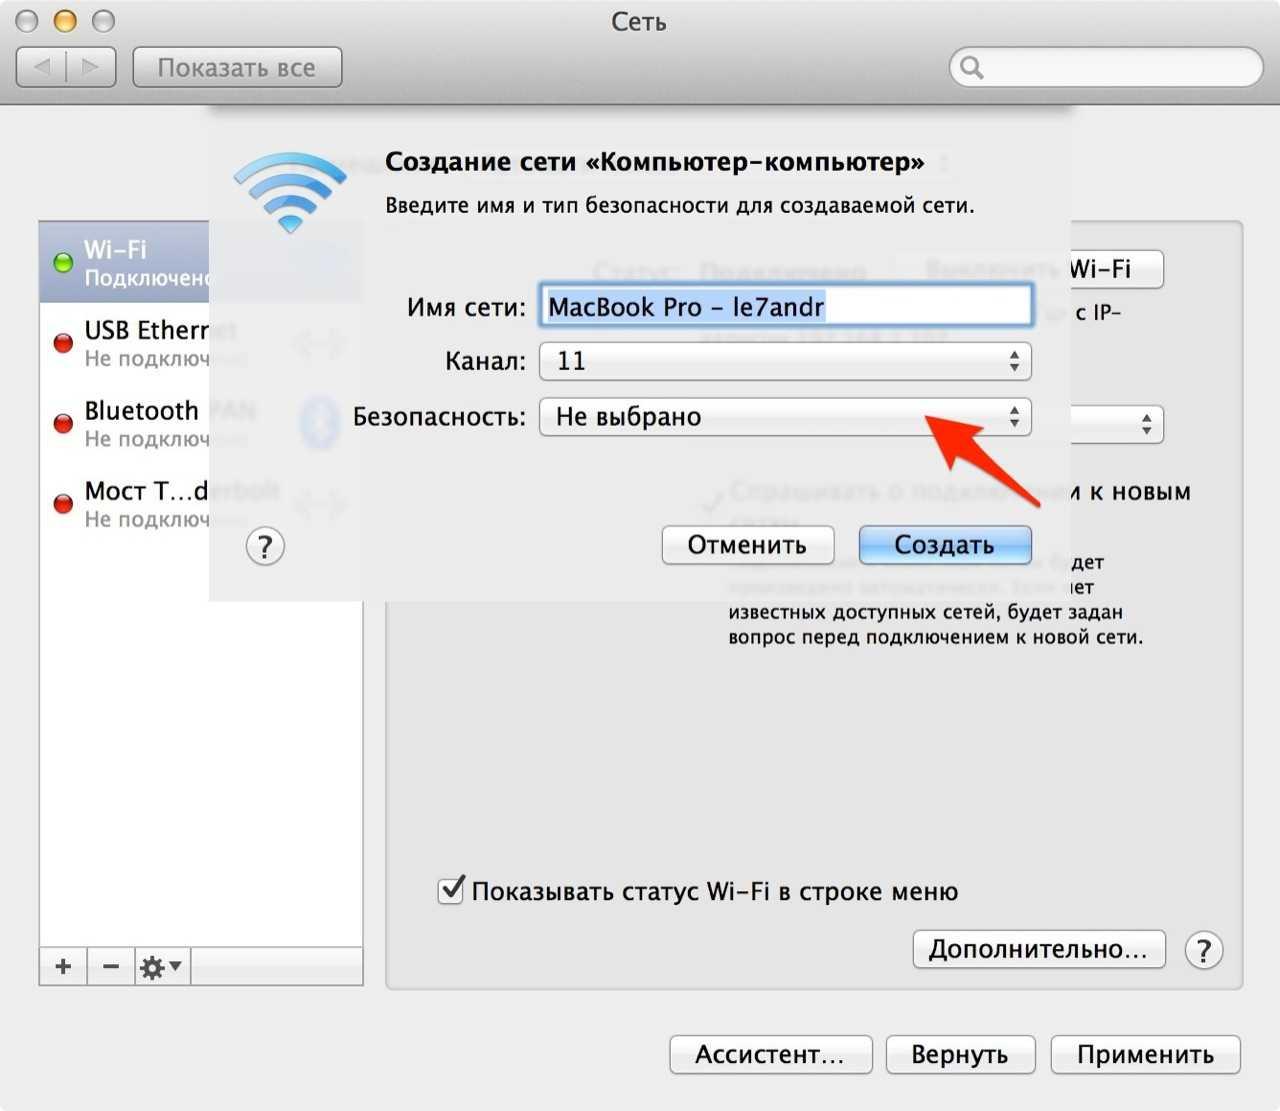 Как использовать айфон как веб-камеру: через usb, wifi